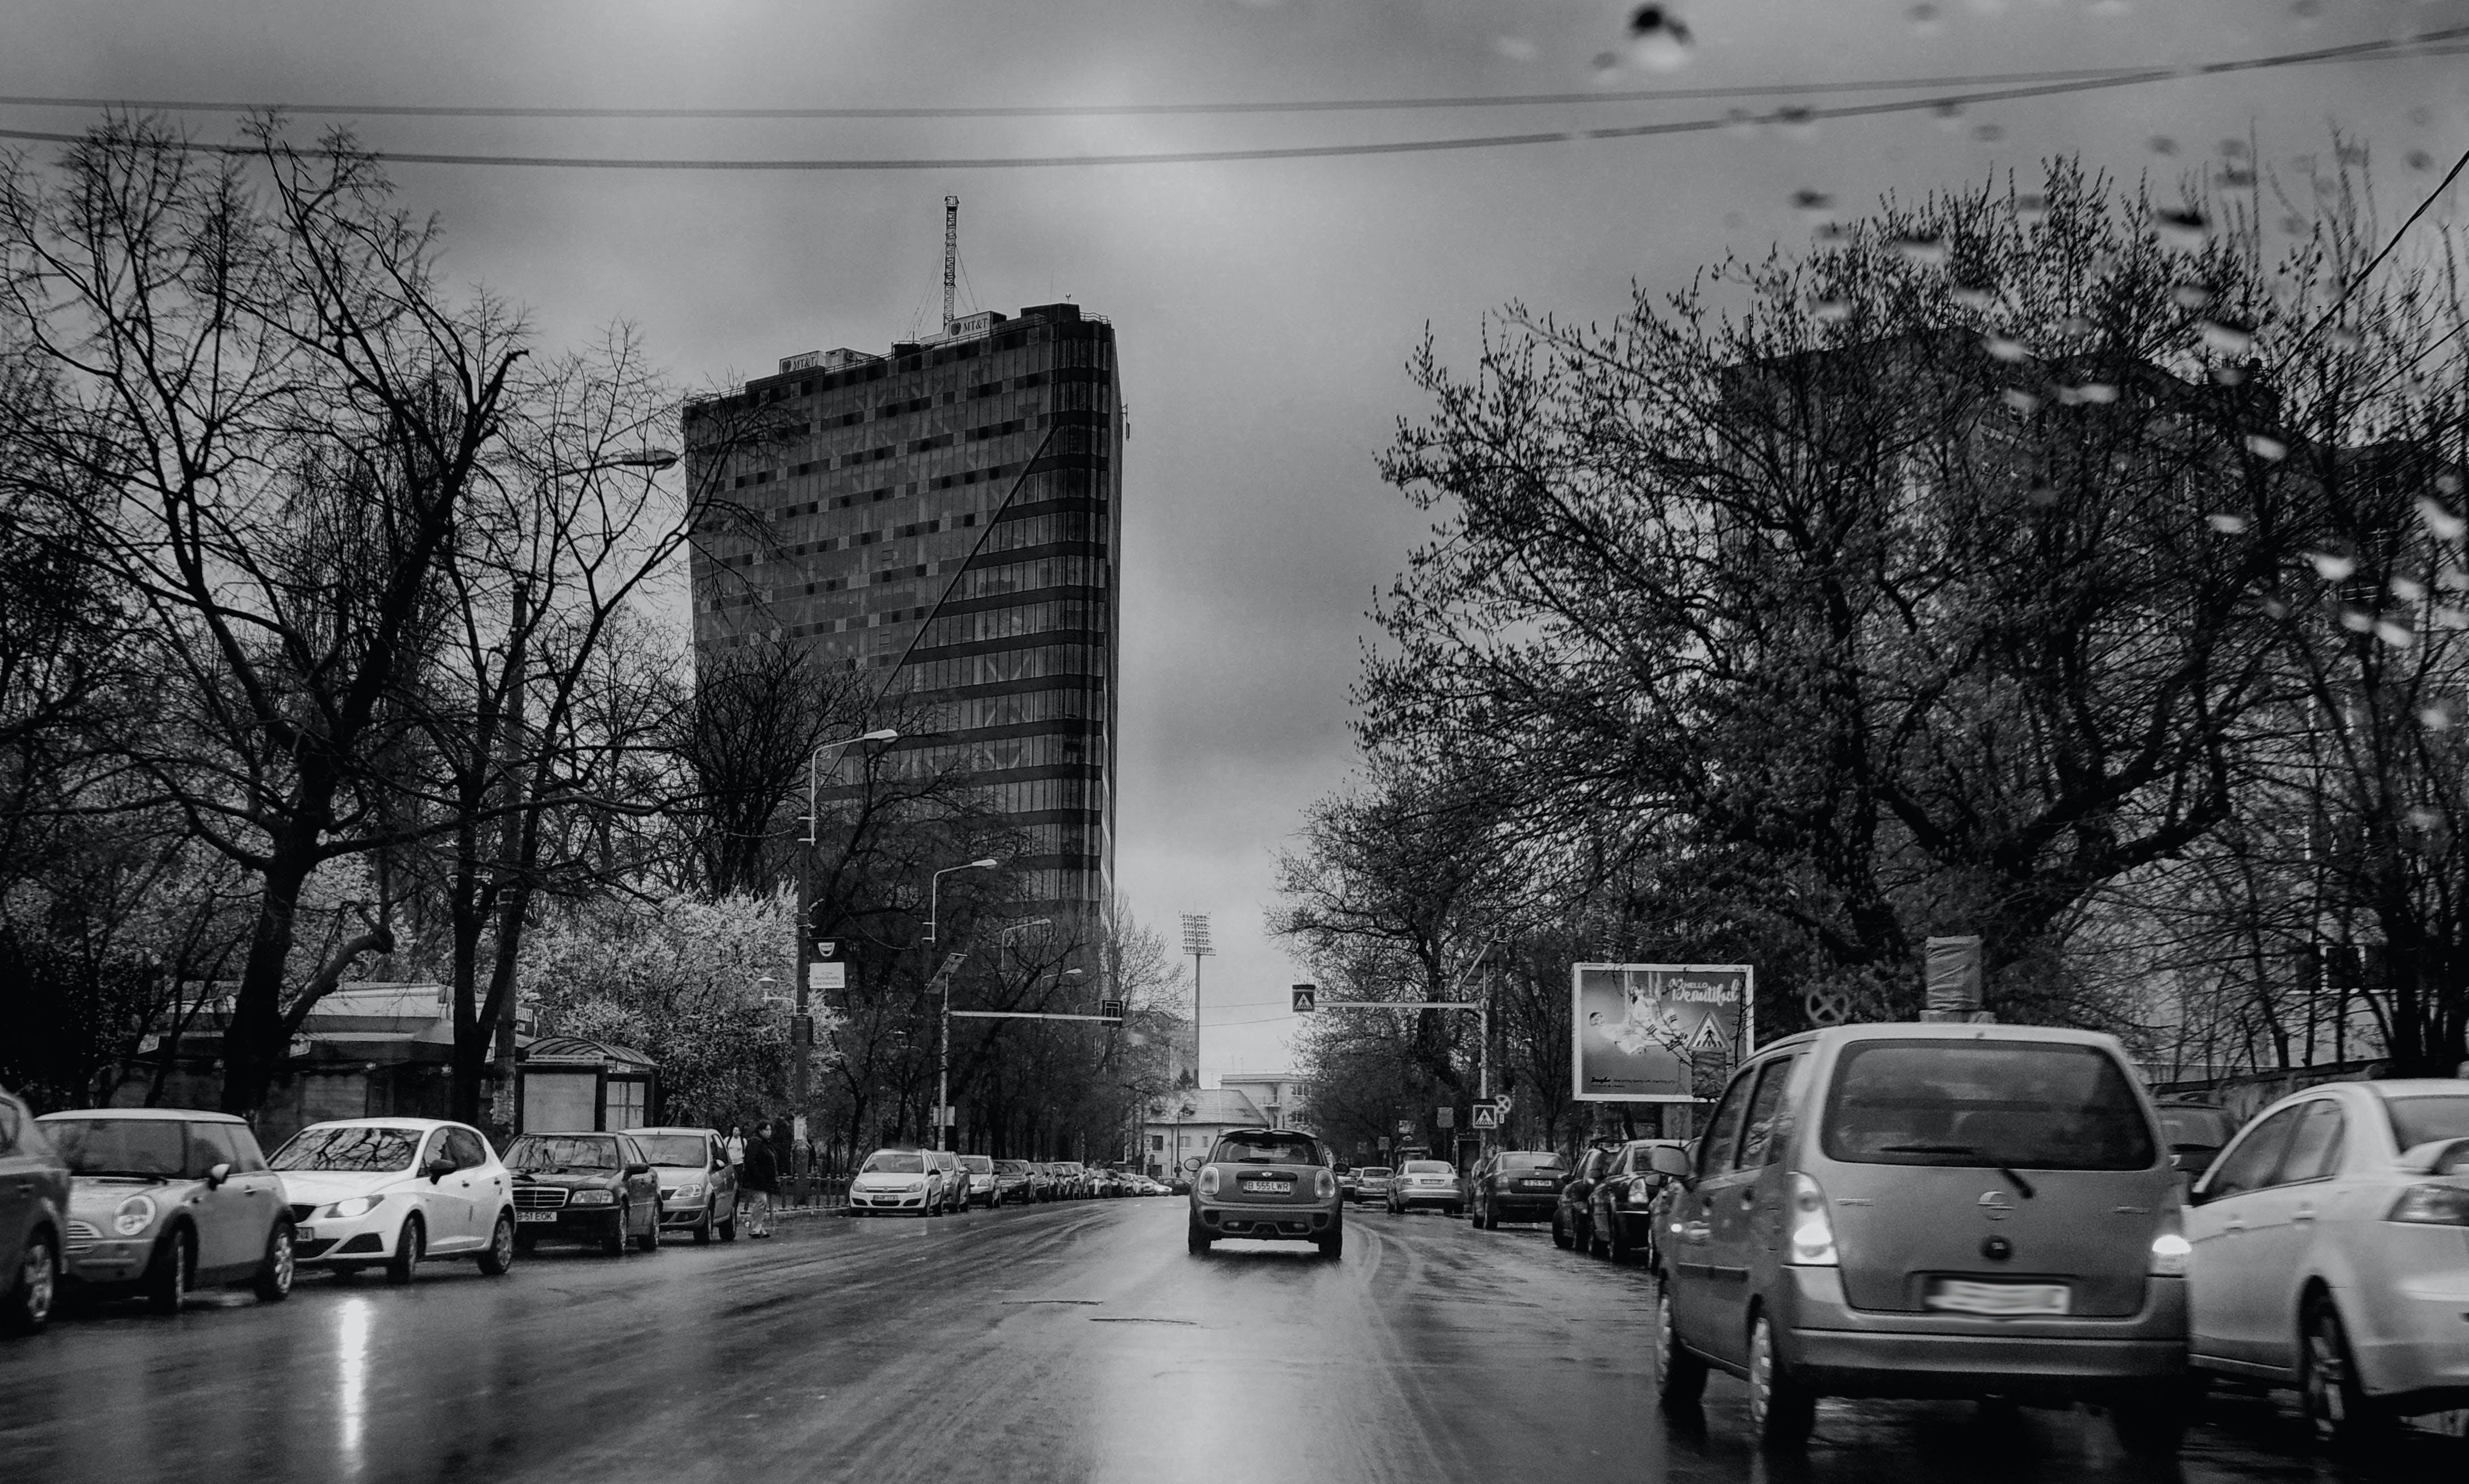 Kostenloses Stock Foto zu arhitecture, autos, bäume, bukarest